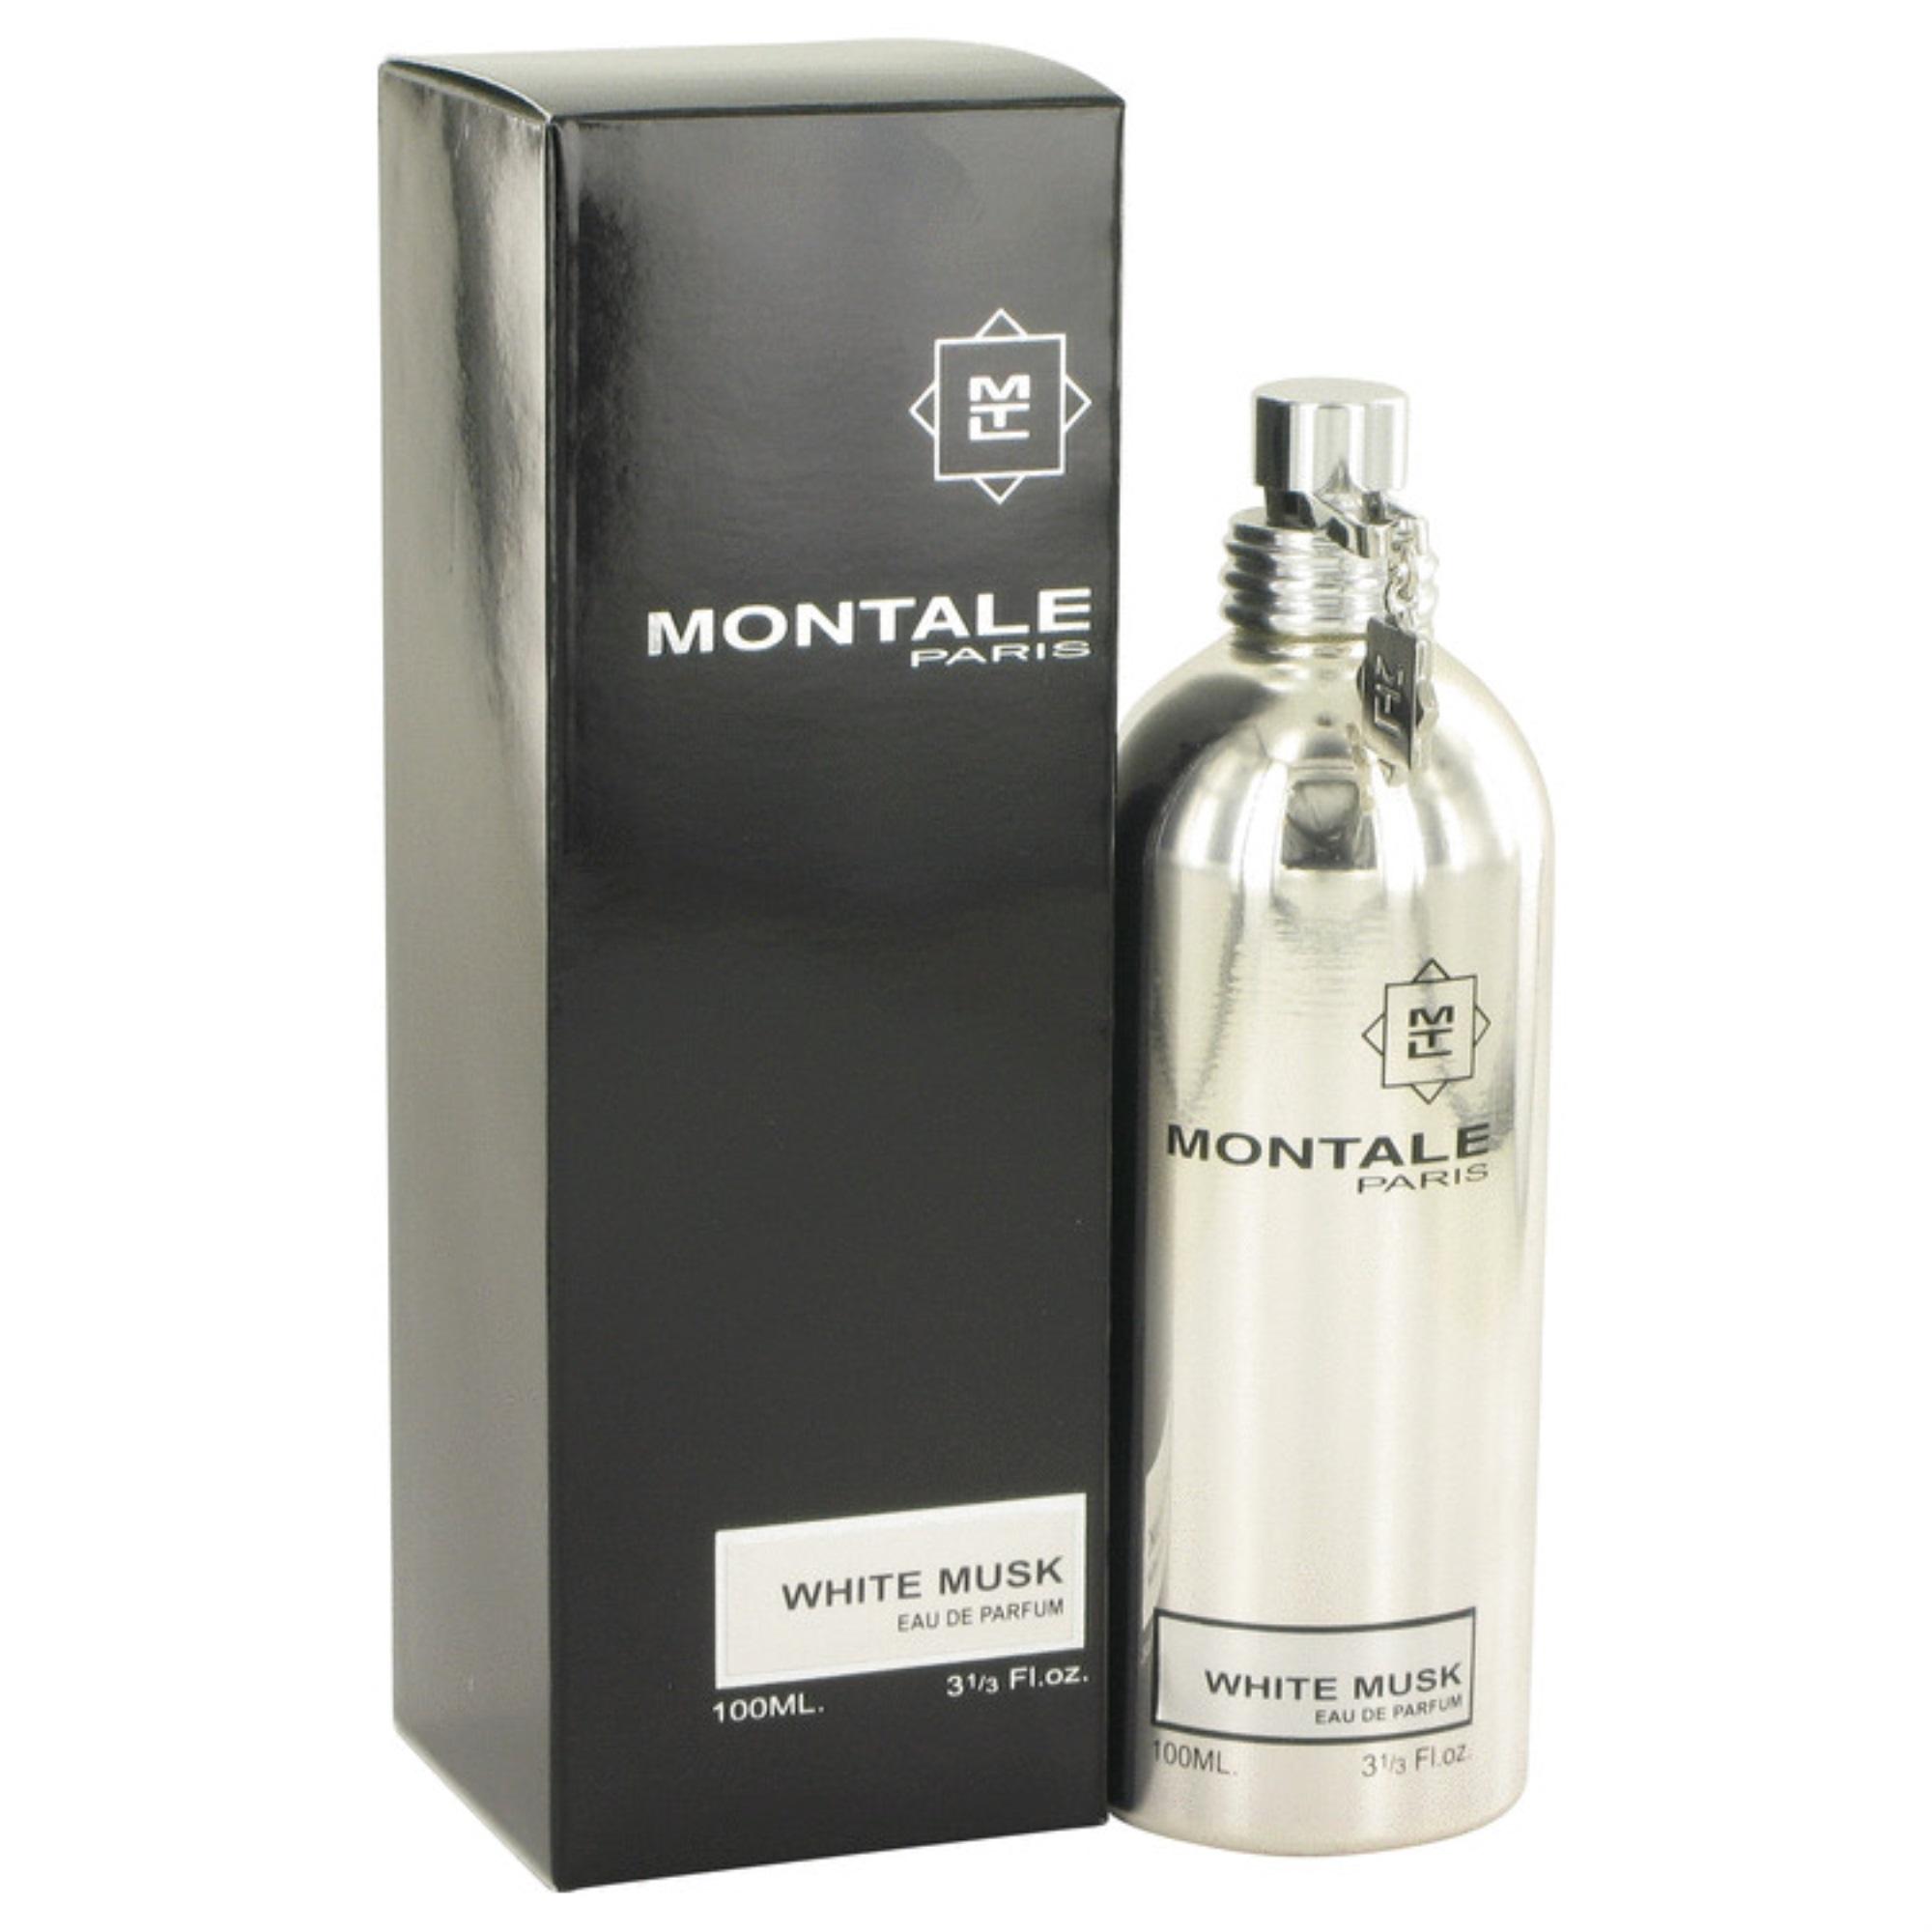 Montale White Musk Perfume by Montale, 3.3 oz Eau De Parfum Spray - image 2 de 3